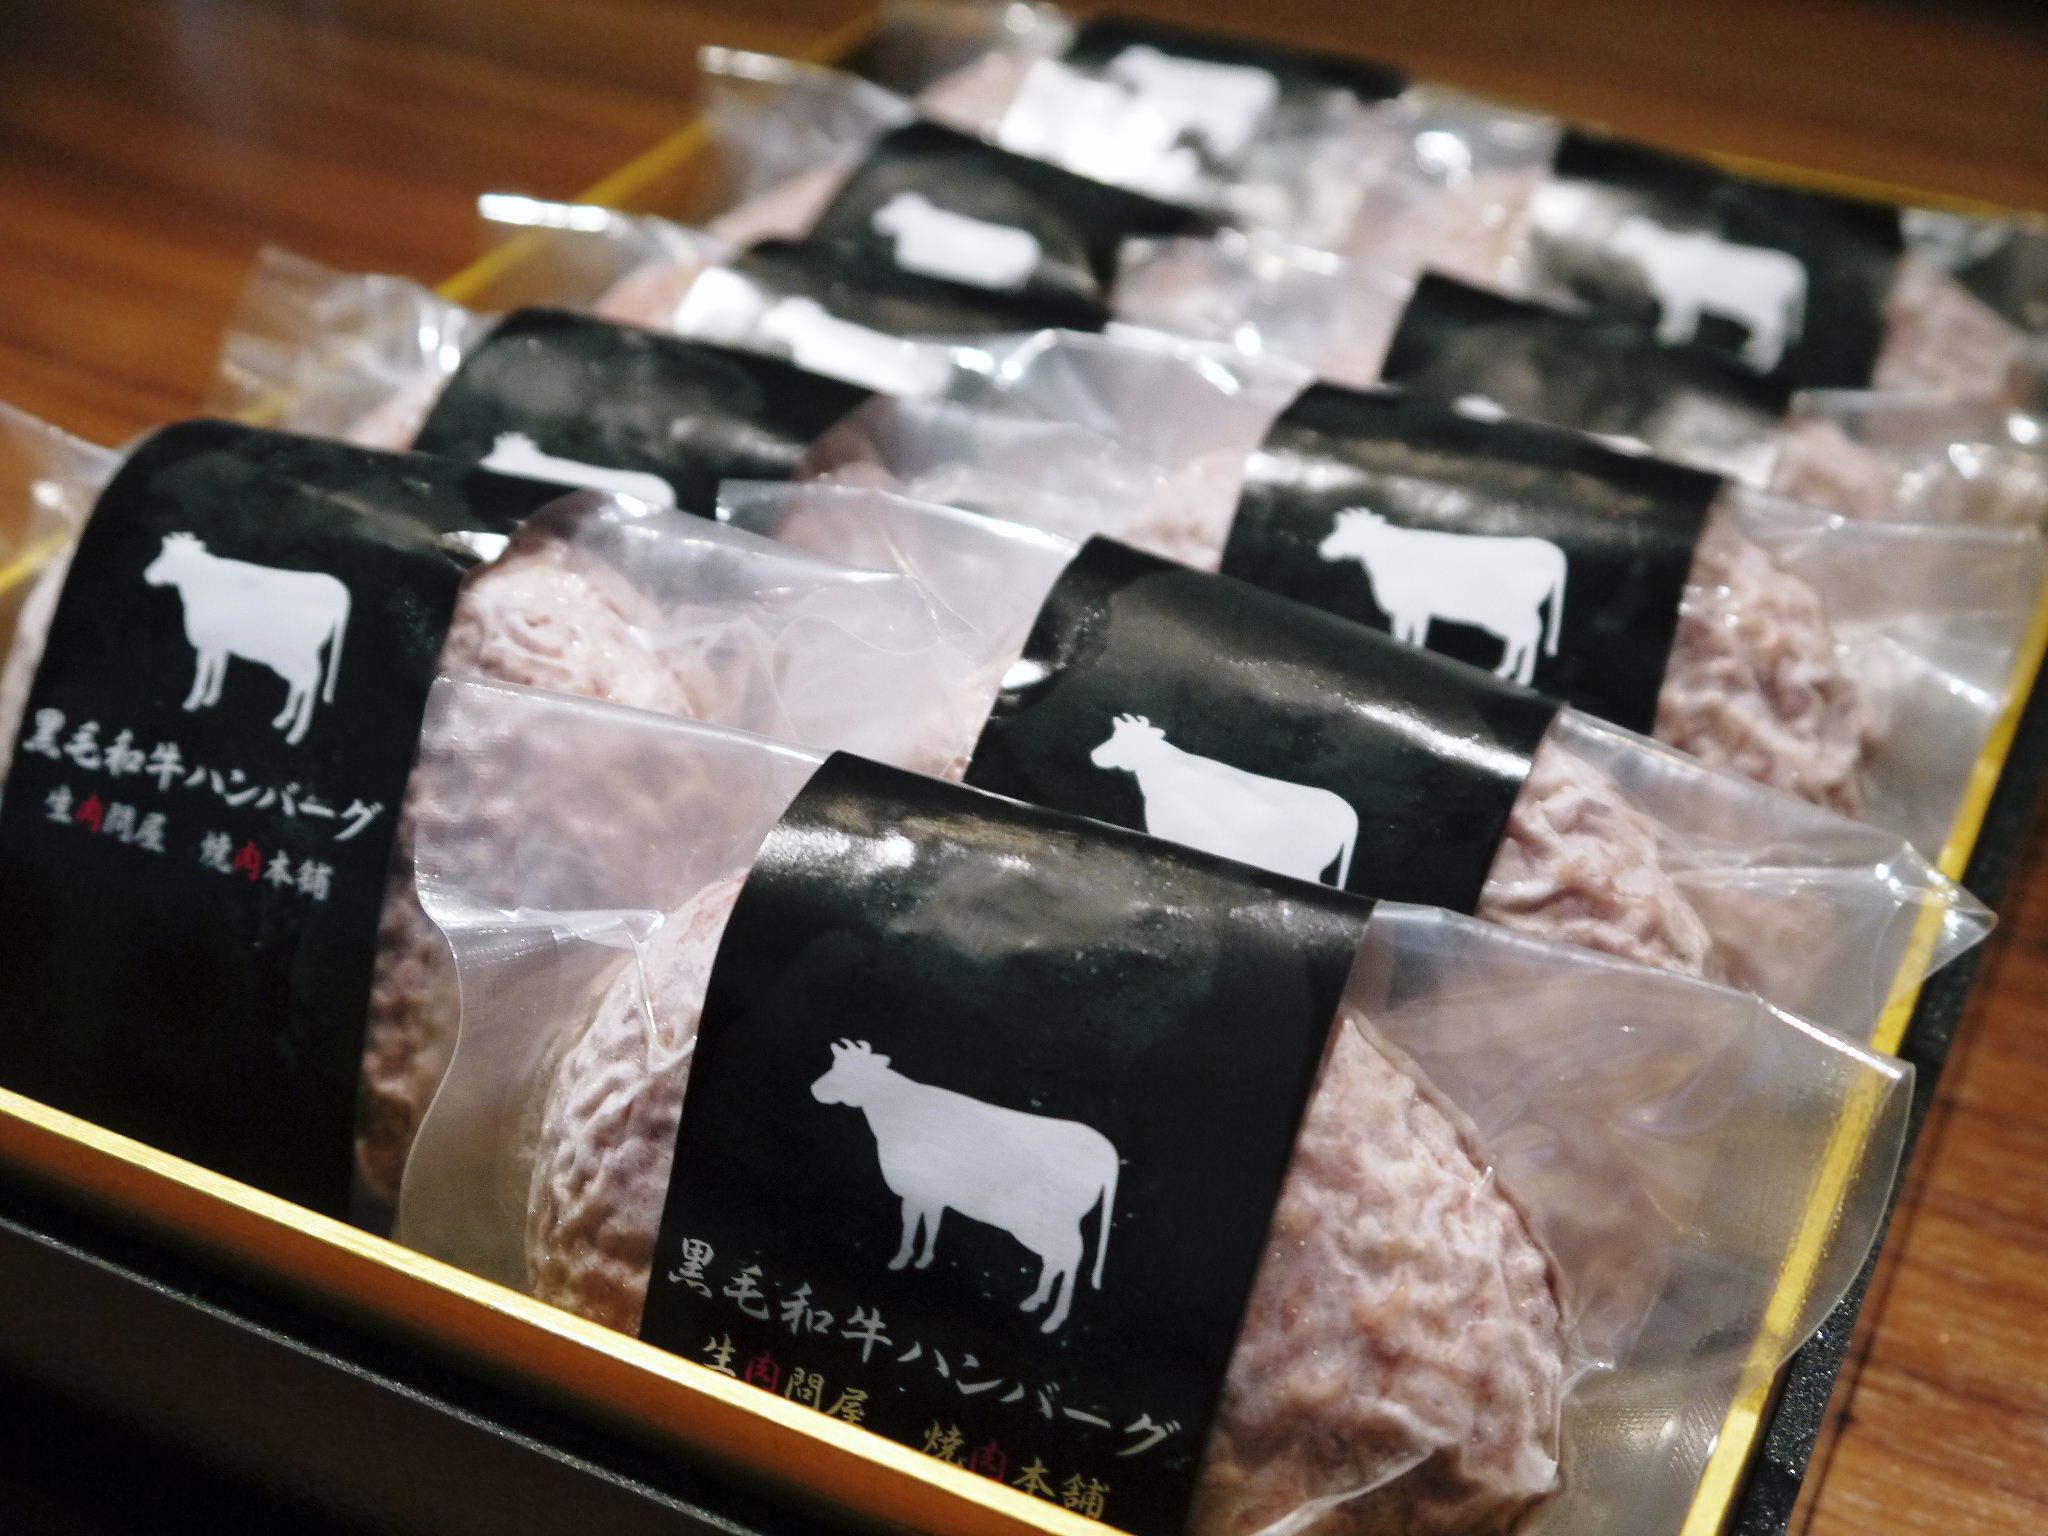 毎月1回の限定販売!熊本県産A5ランク黒毛和牛100%のハンバーグステーキ!令和3年初回出荷は1月20日!_a0254656_17022427.jpg